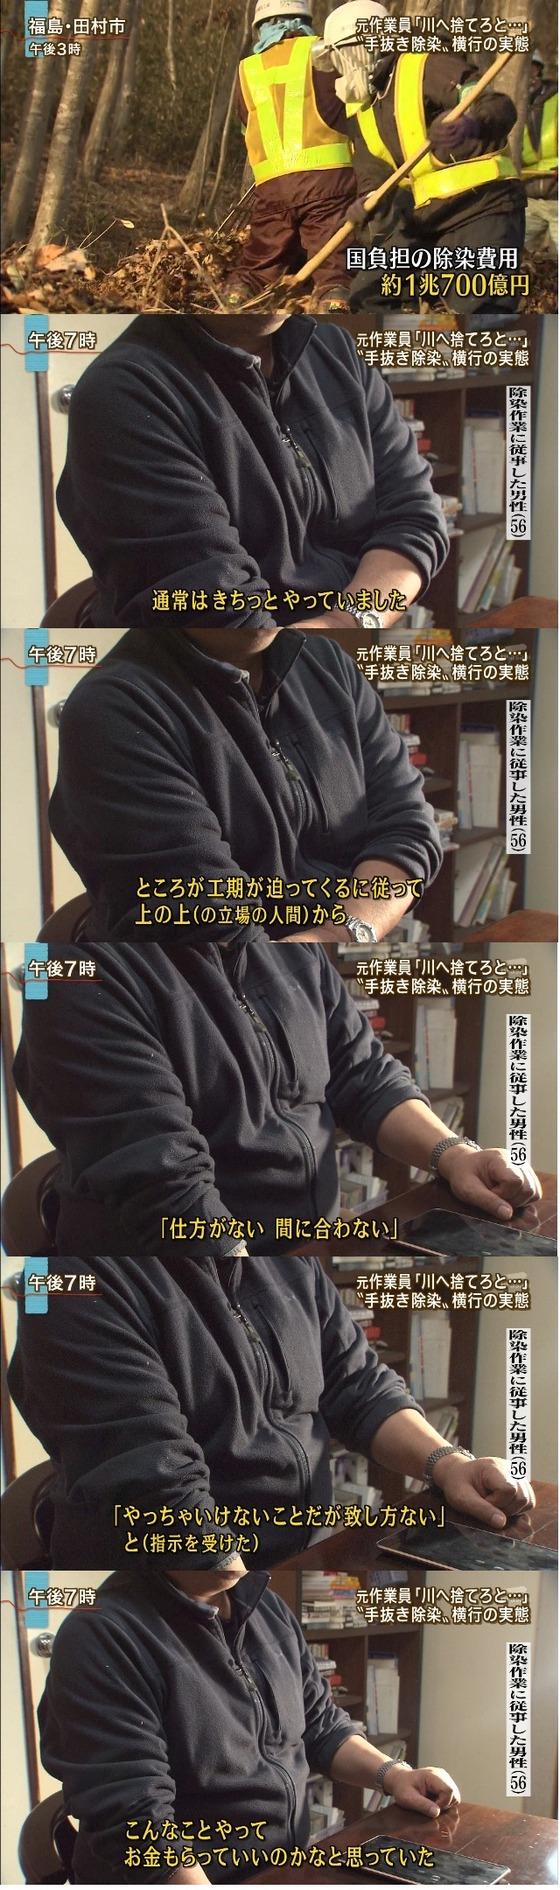 """川に直接投棄 """"手抜き除染""""次々と 報道ステーション4"""